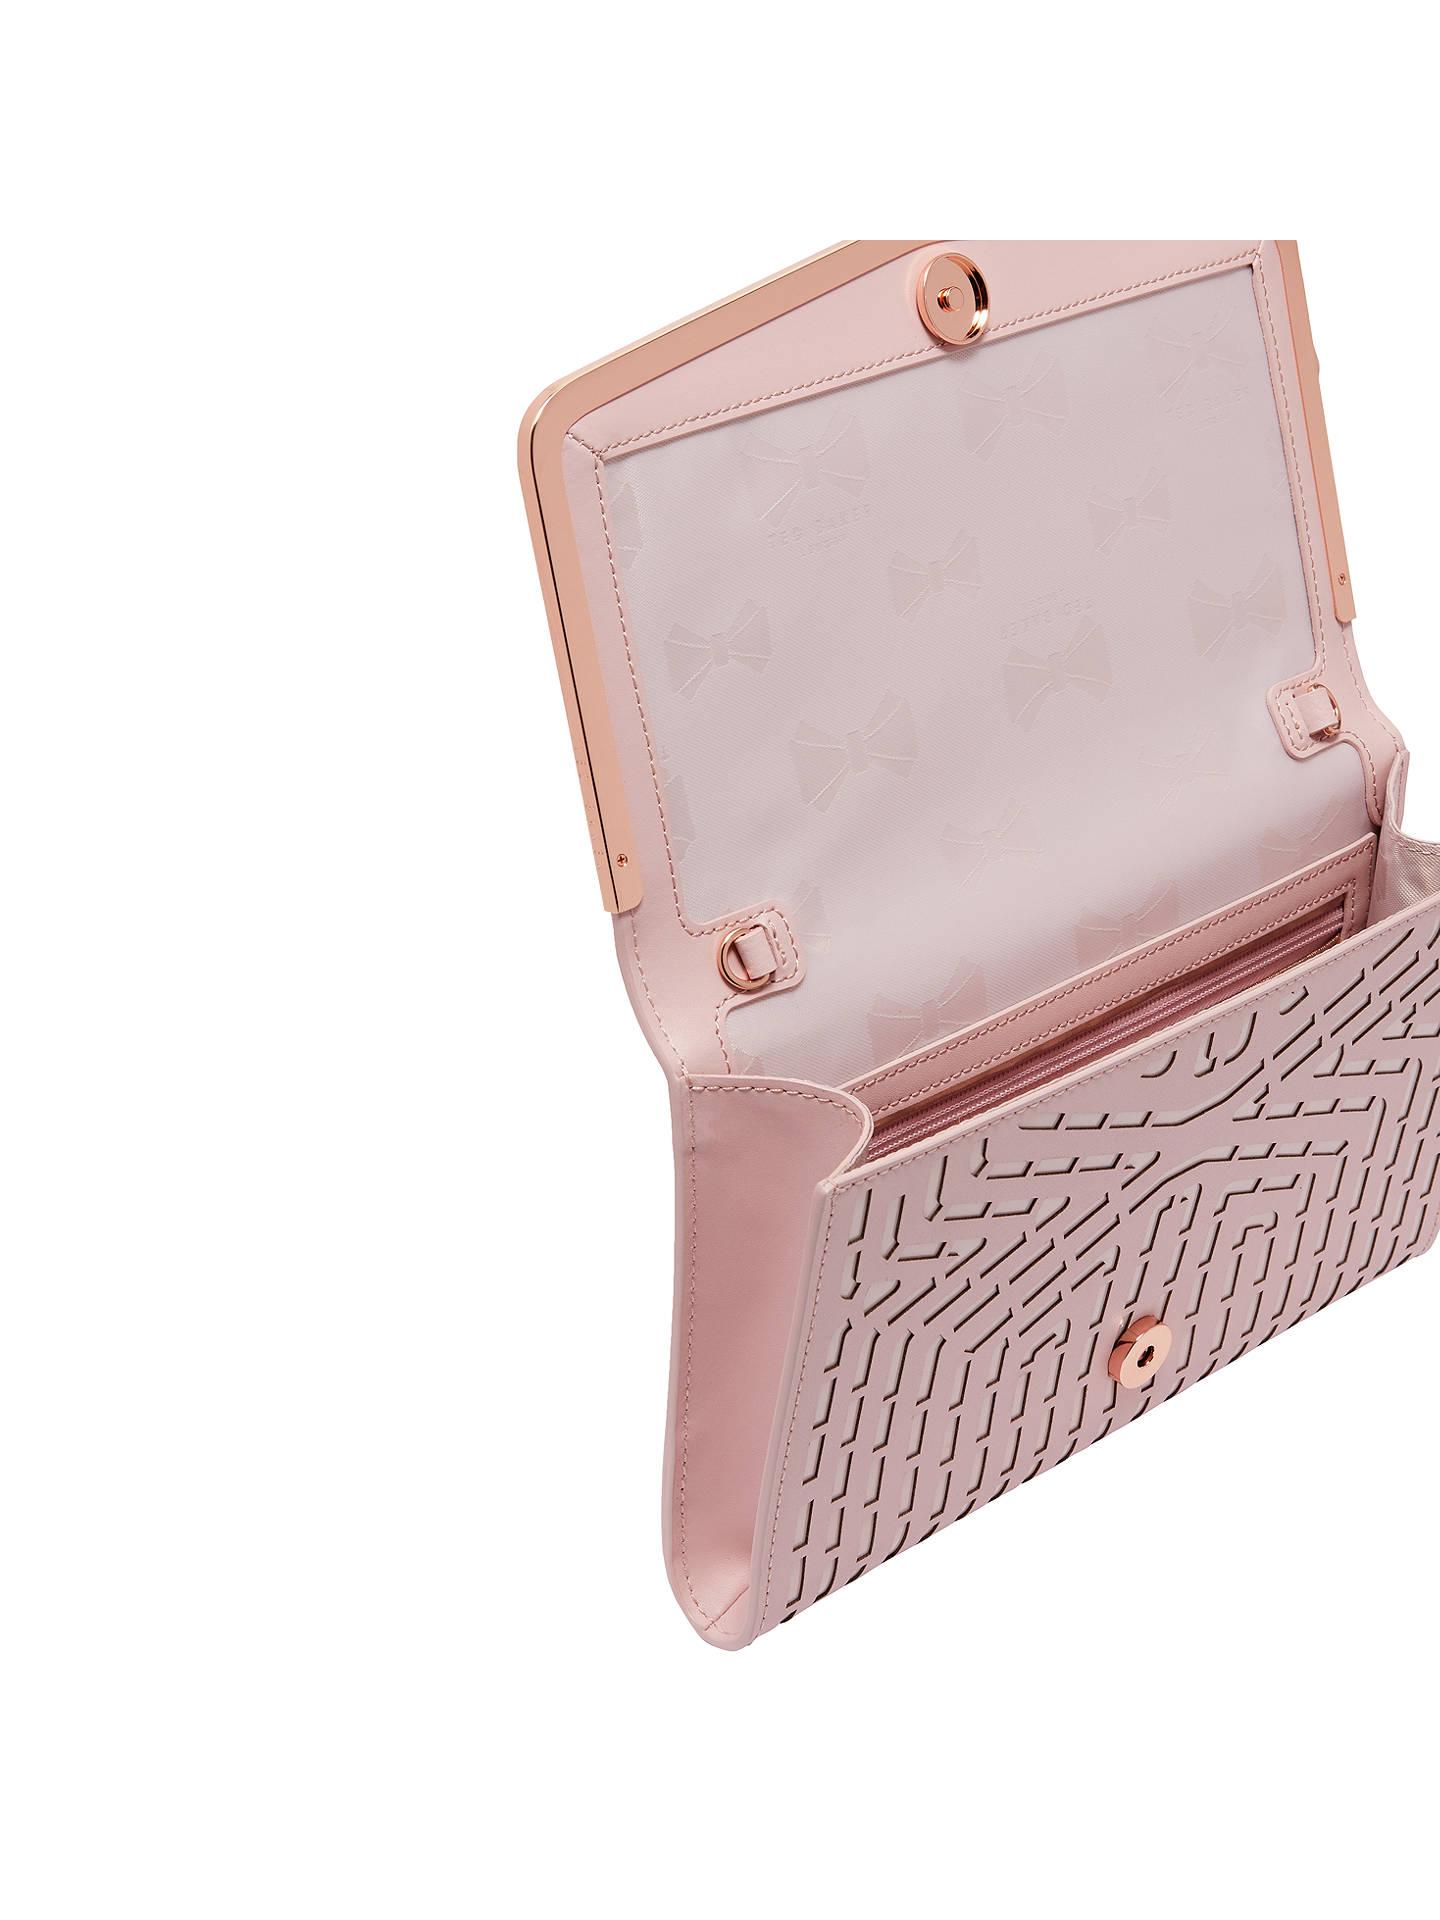 78c18972e69 ... Buy Ted Baker Bree Clutch Bag, Light Pink Online at johnlewis.com ...